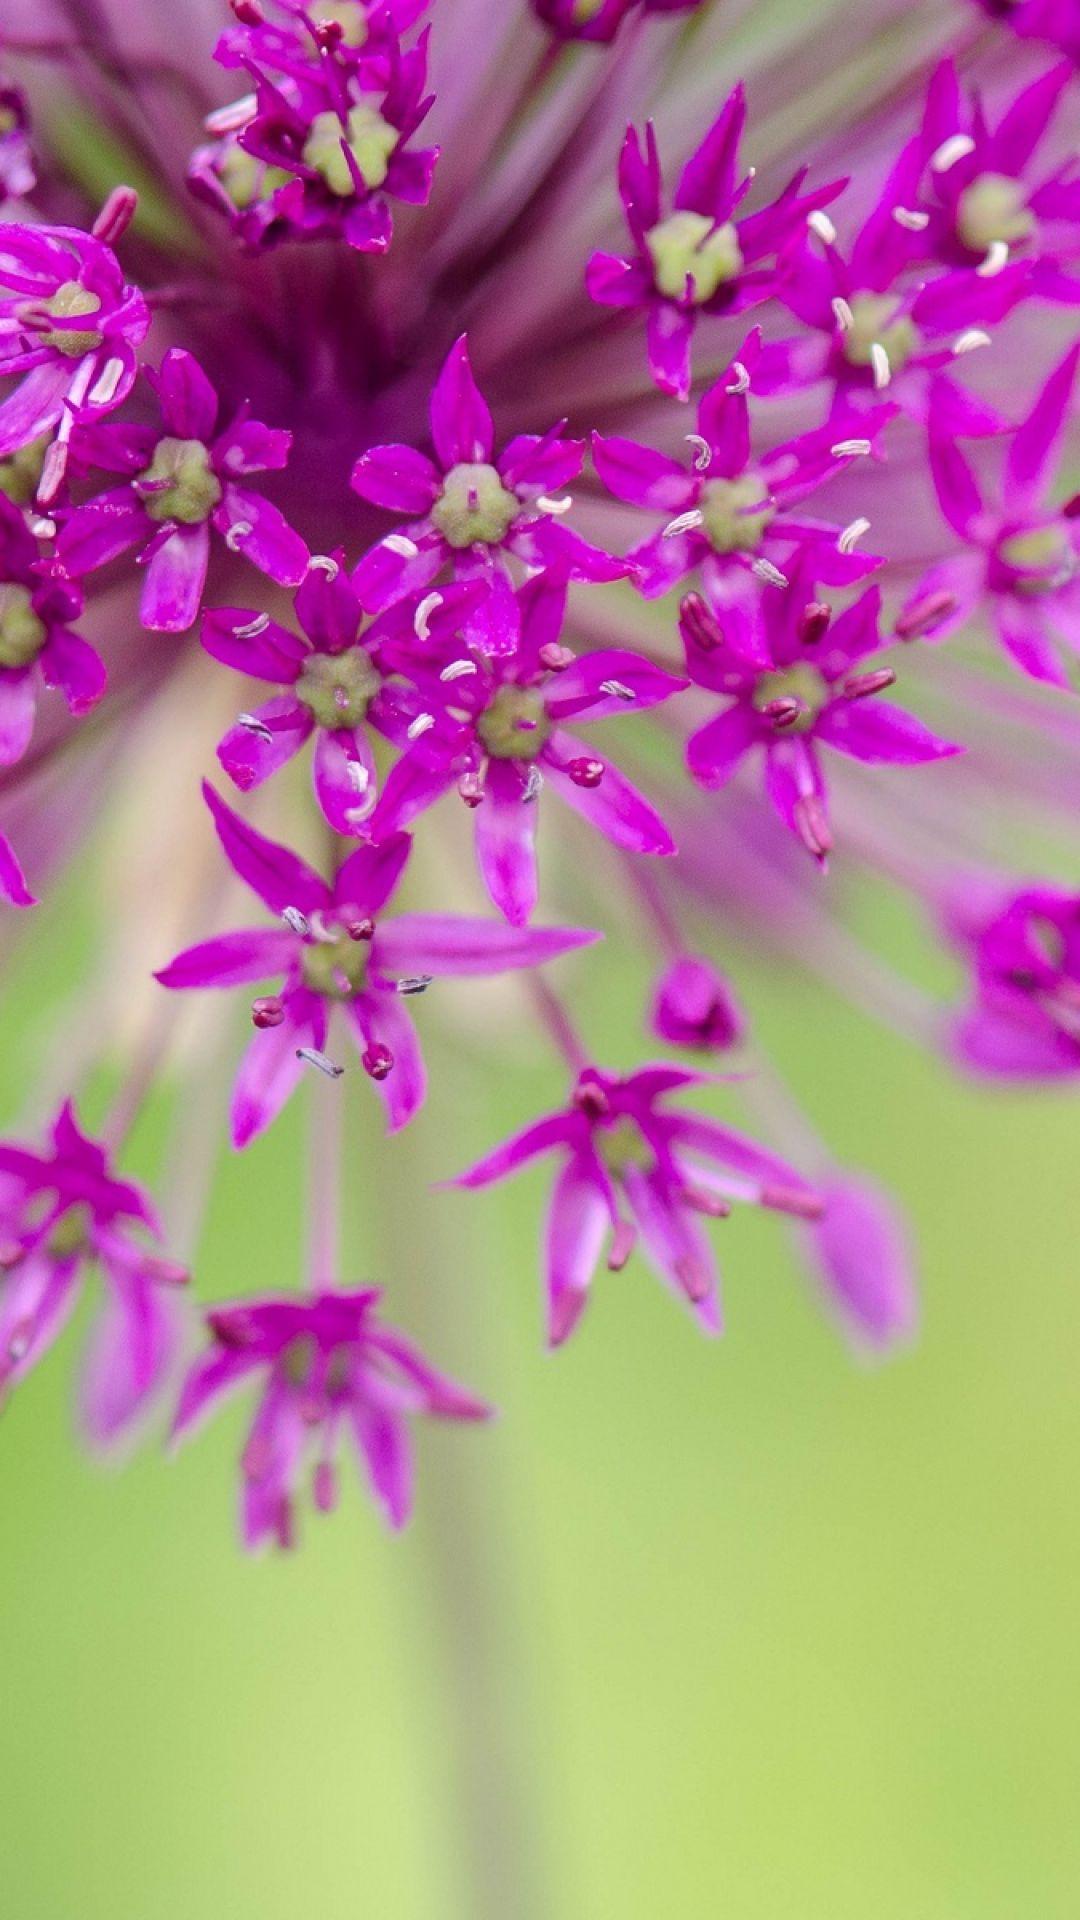 flower, petals, macro, blurring